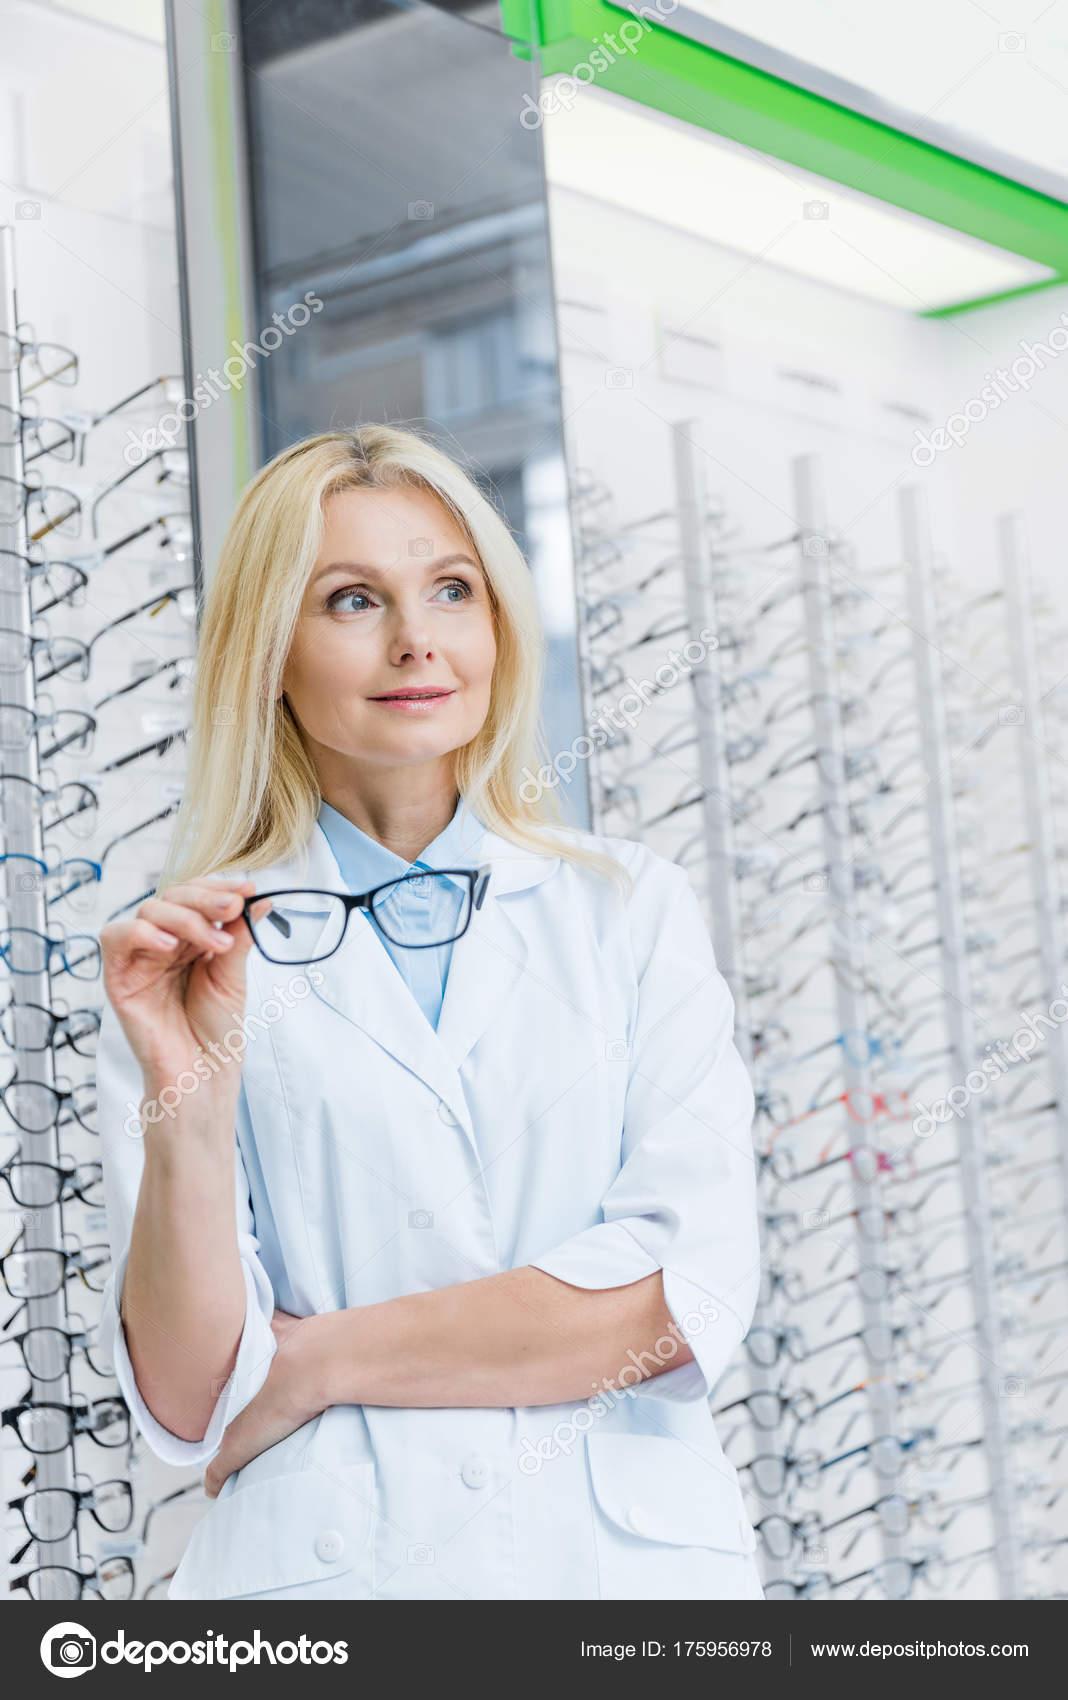 hyperopia kor a látás jelentése az emberek számára